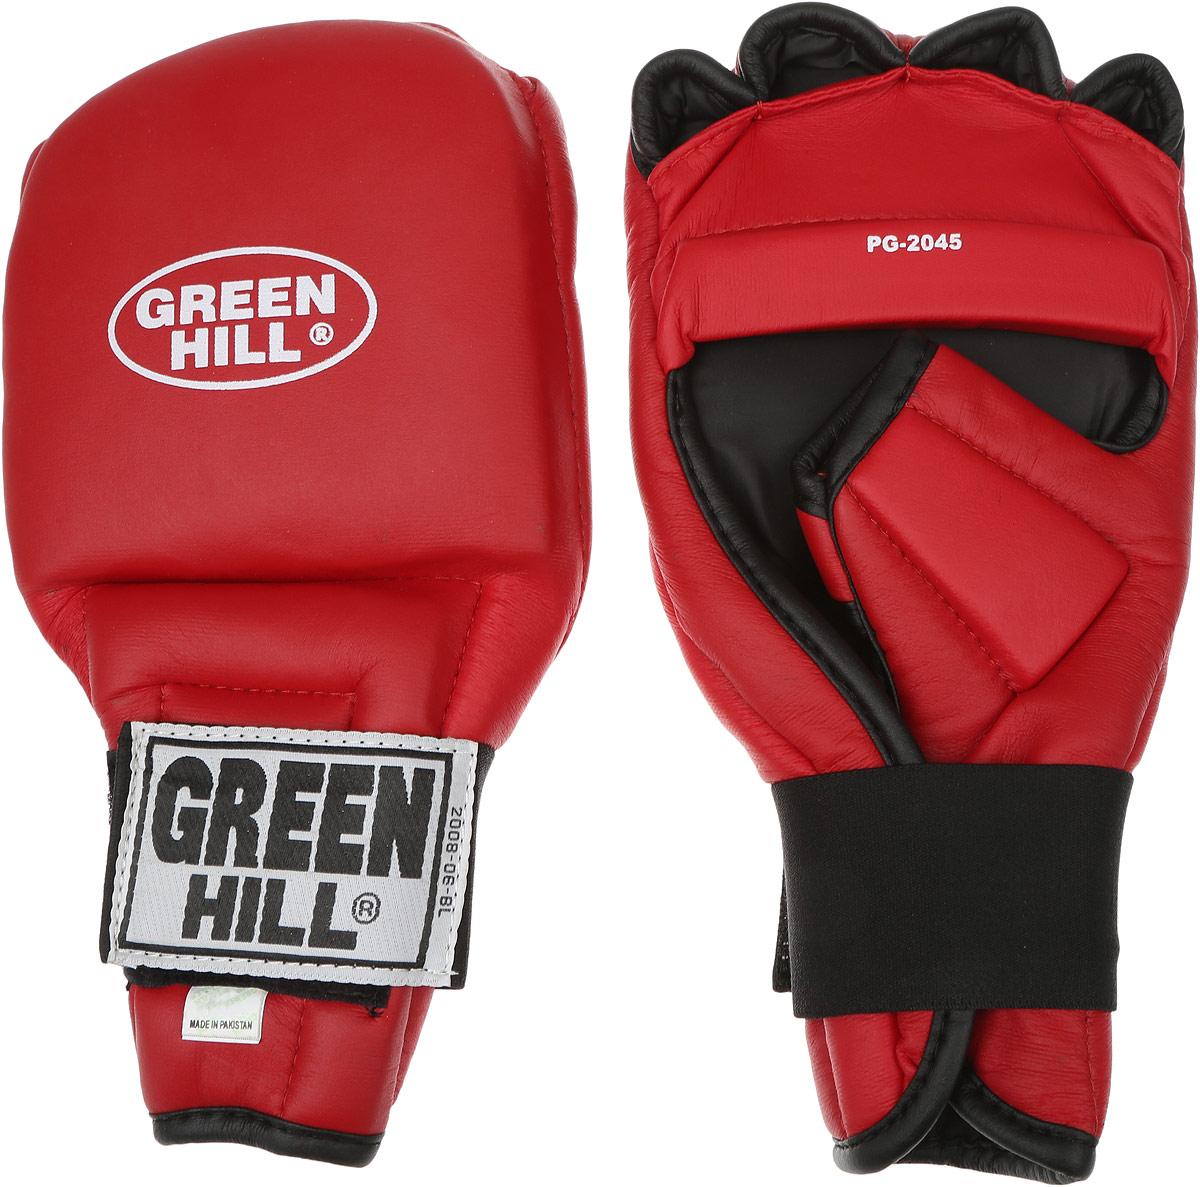 Перчатки для рукопашного боя Green Hill, цвет: красный, черный. Размер XL. PG-20454355BXLUПерчатки для рукопашного боя Green Hill произведены из высококачественной искусственной кожи. Подойдут для занятий кунг-фу. Конструкция предусматривает открытые пальцы — необходимый атрибут для проведения захватов. Манжеты на липучках позволяют быстро снимать и надевать перчатки без каких-либо неудобств. Анатомическая посадка предохраняет руки от повреждений.